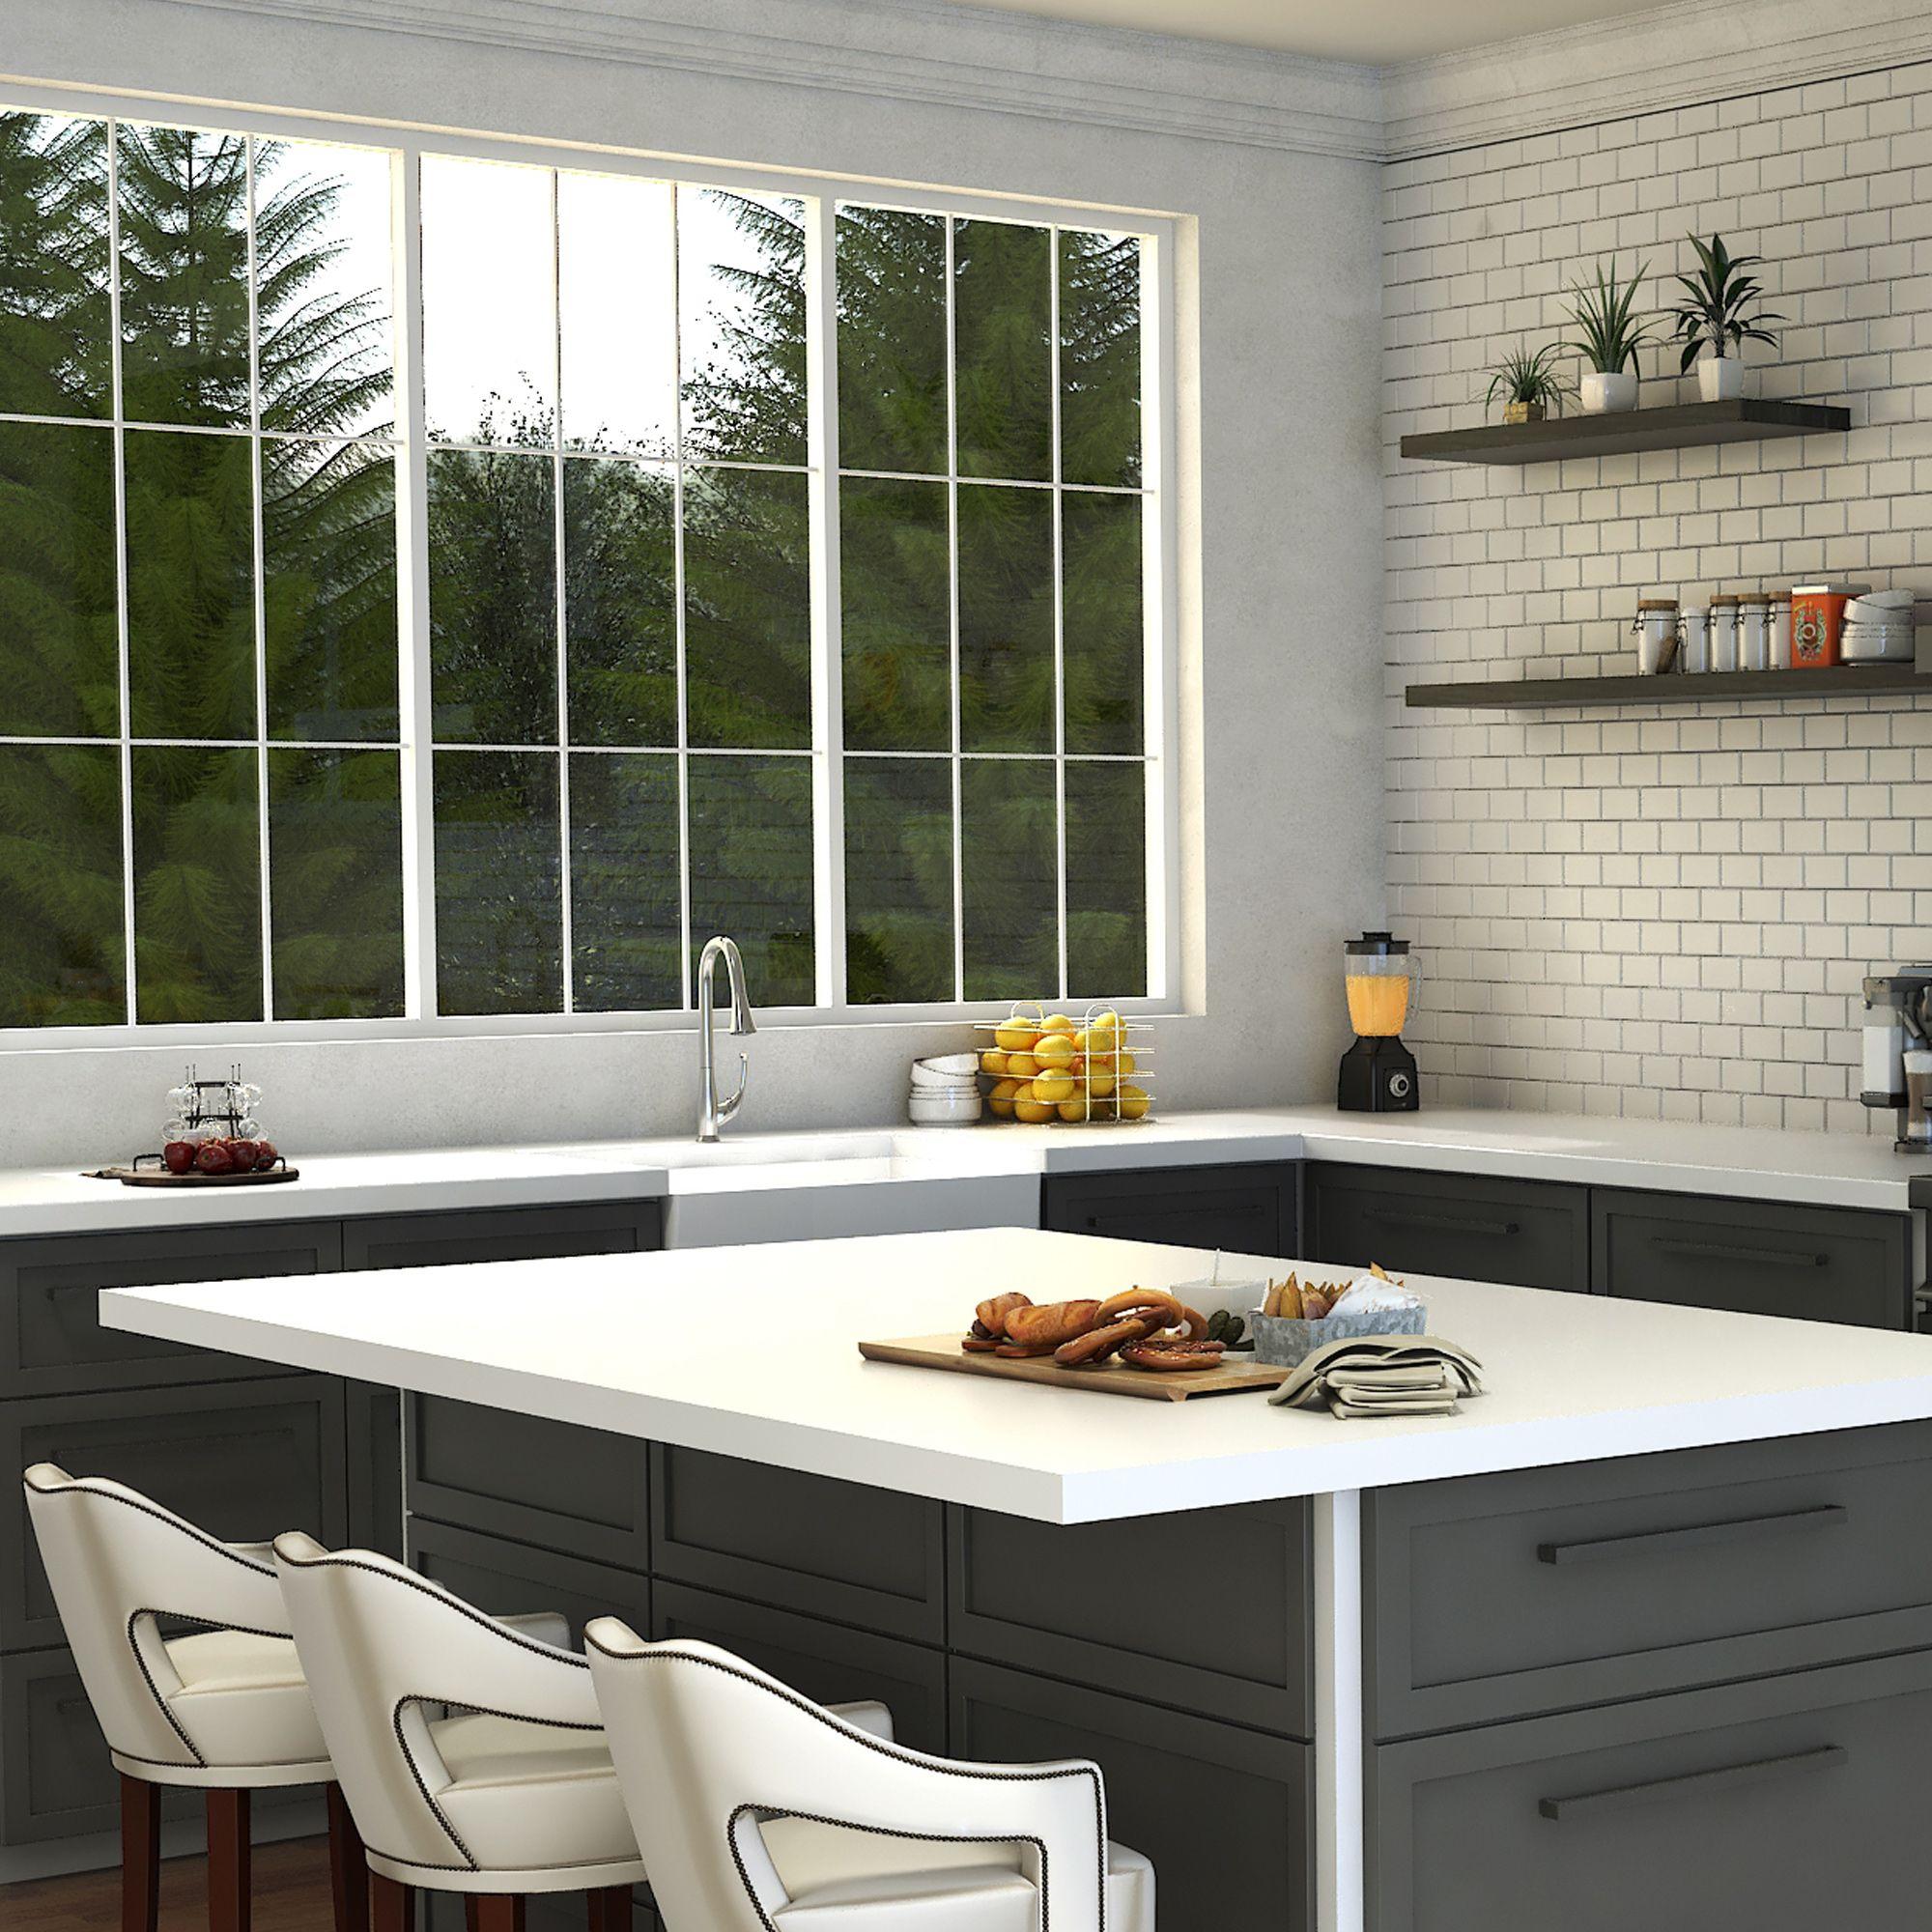 Zline Castor Kitchen Faucet In Chrome Cas Kf Ch Kitchen Remodel Kitchen Design Kitchen Style